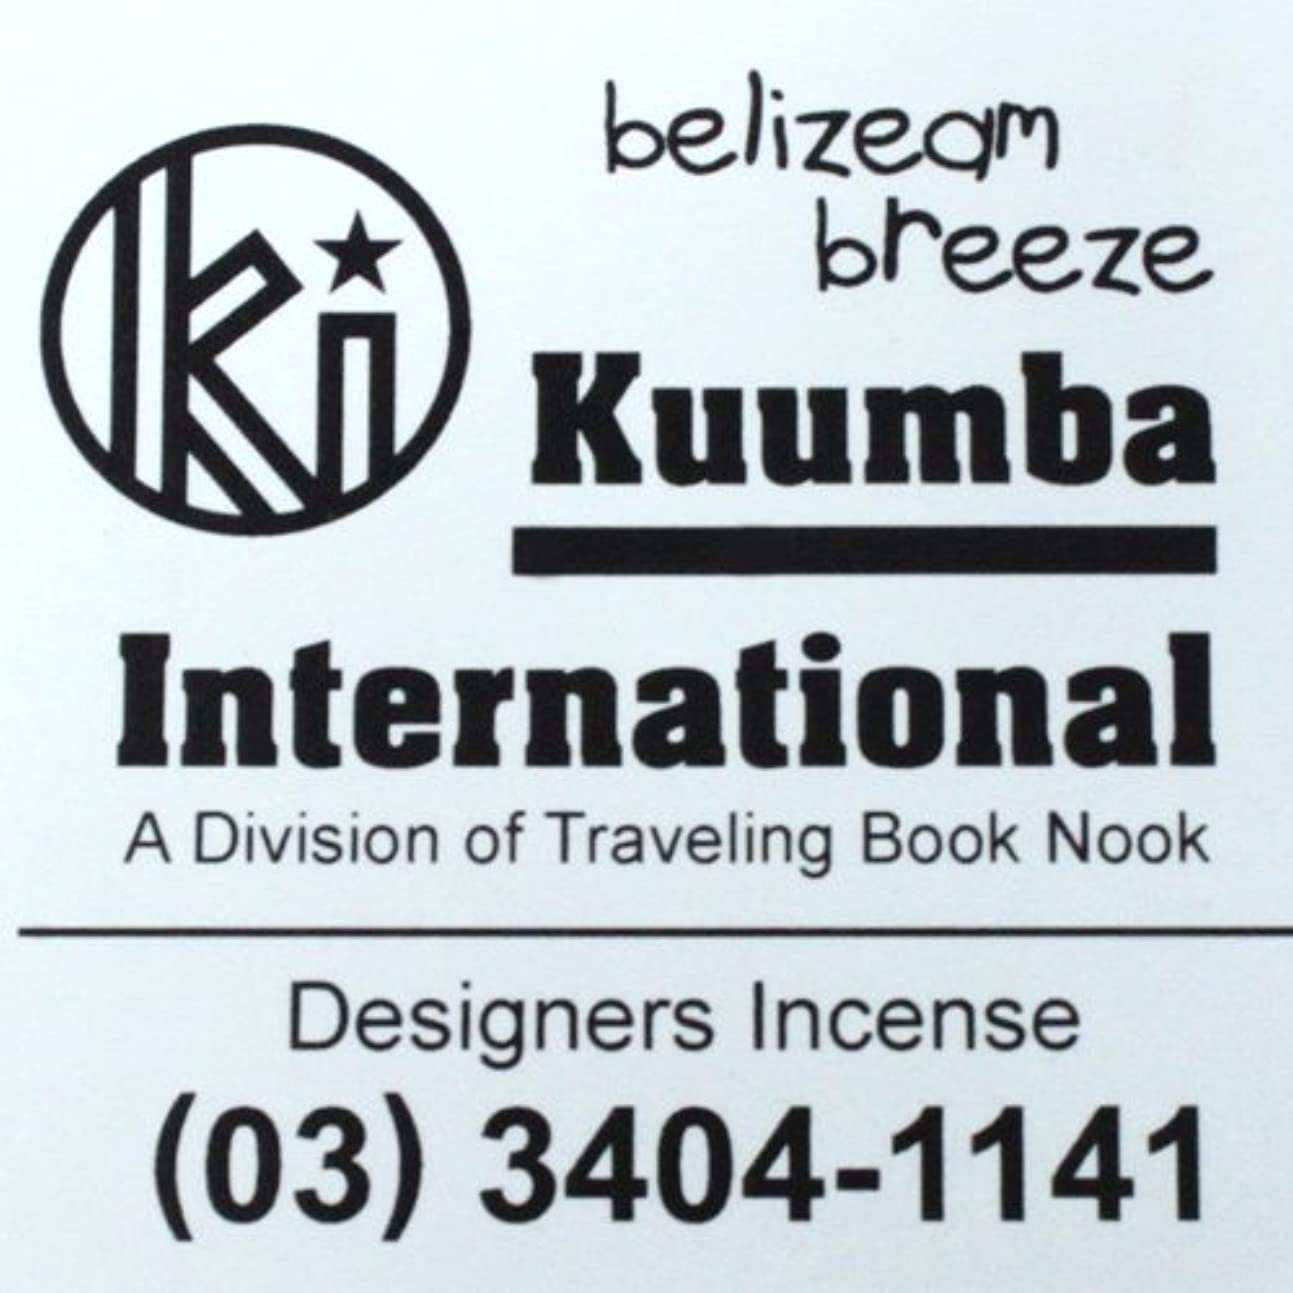 ささやき分離虎KUUMBA (クンバ)『incense』(belizeam breeze) (Regular size)